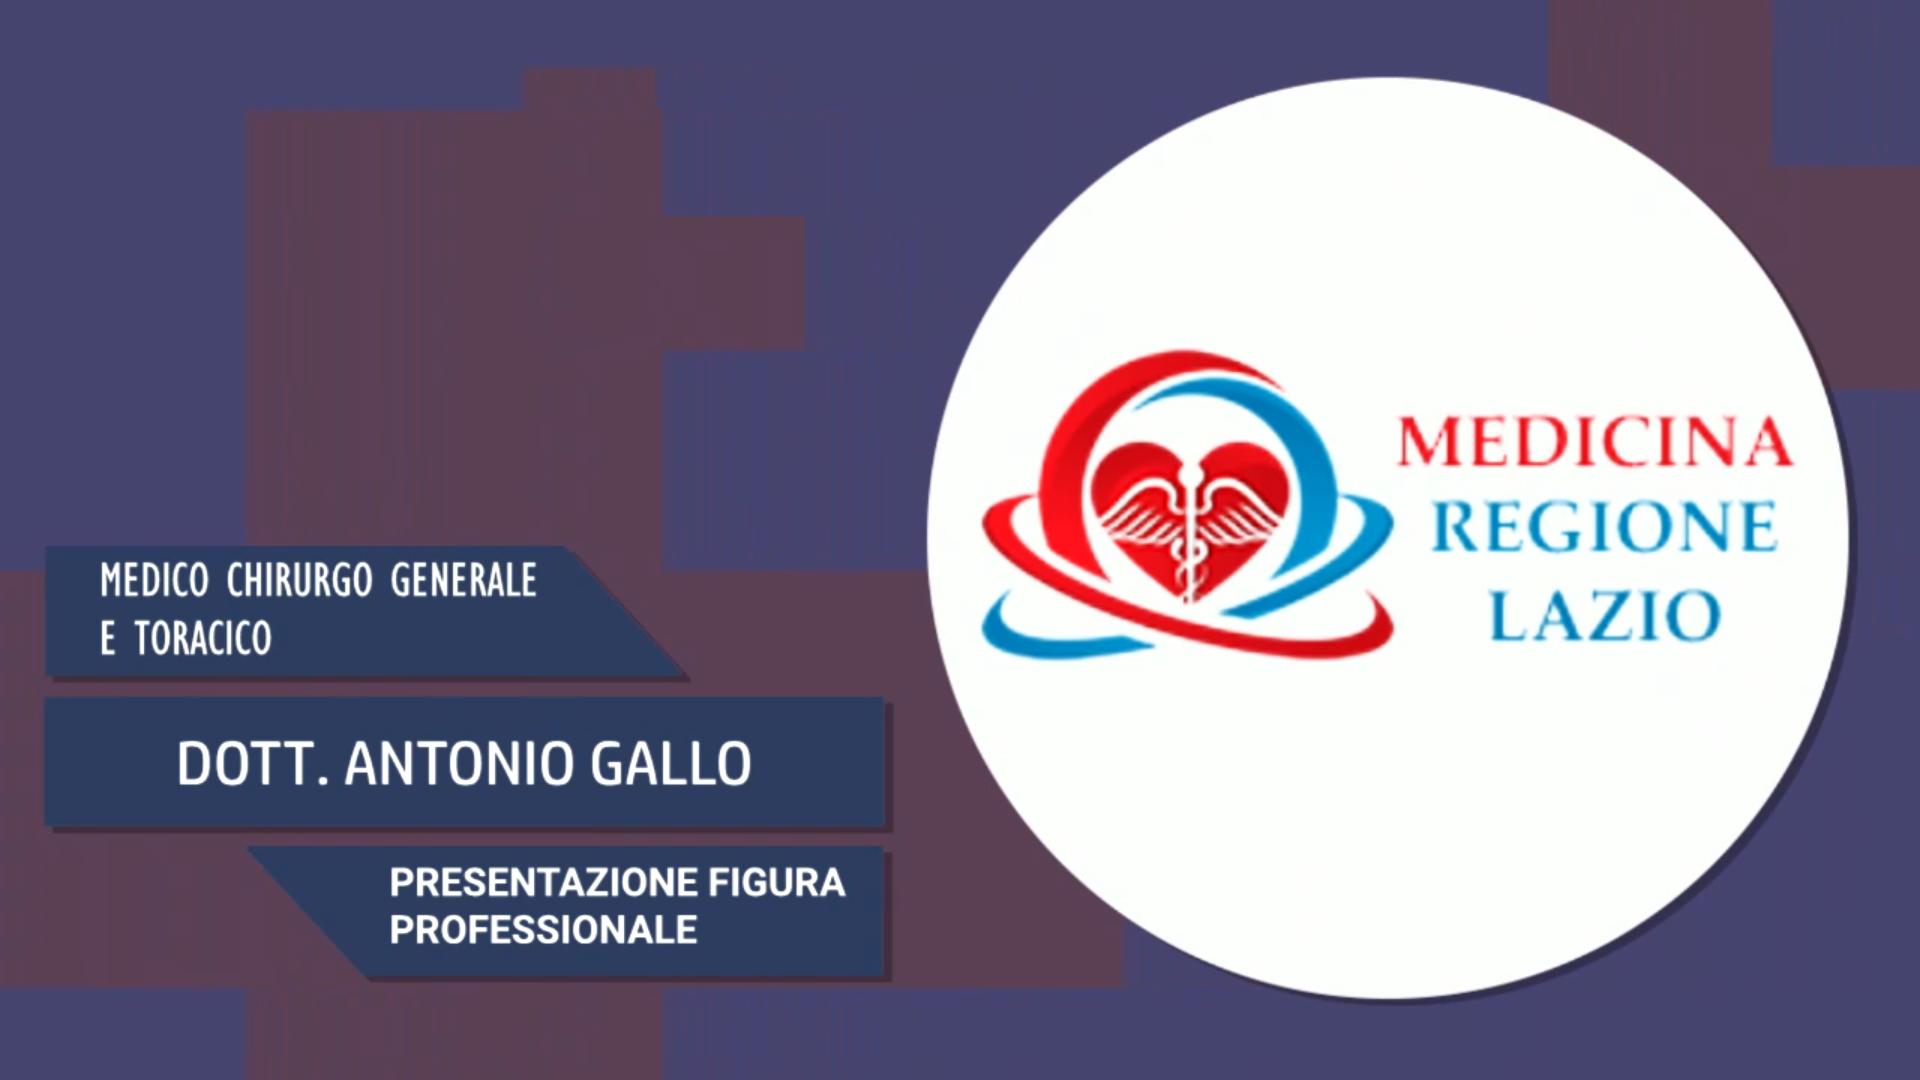 Intervista al Dott. Antonio Gallo – Presentazione figura professionale